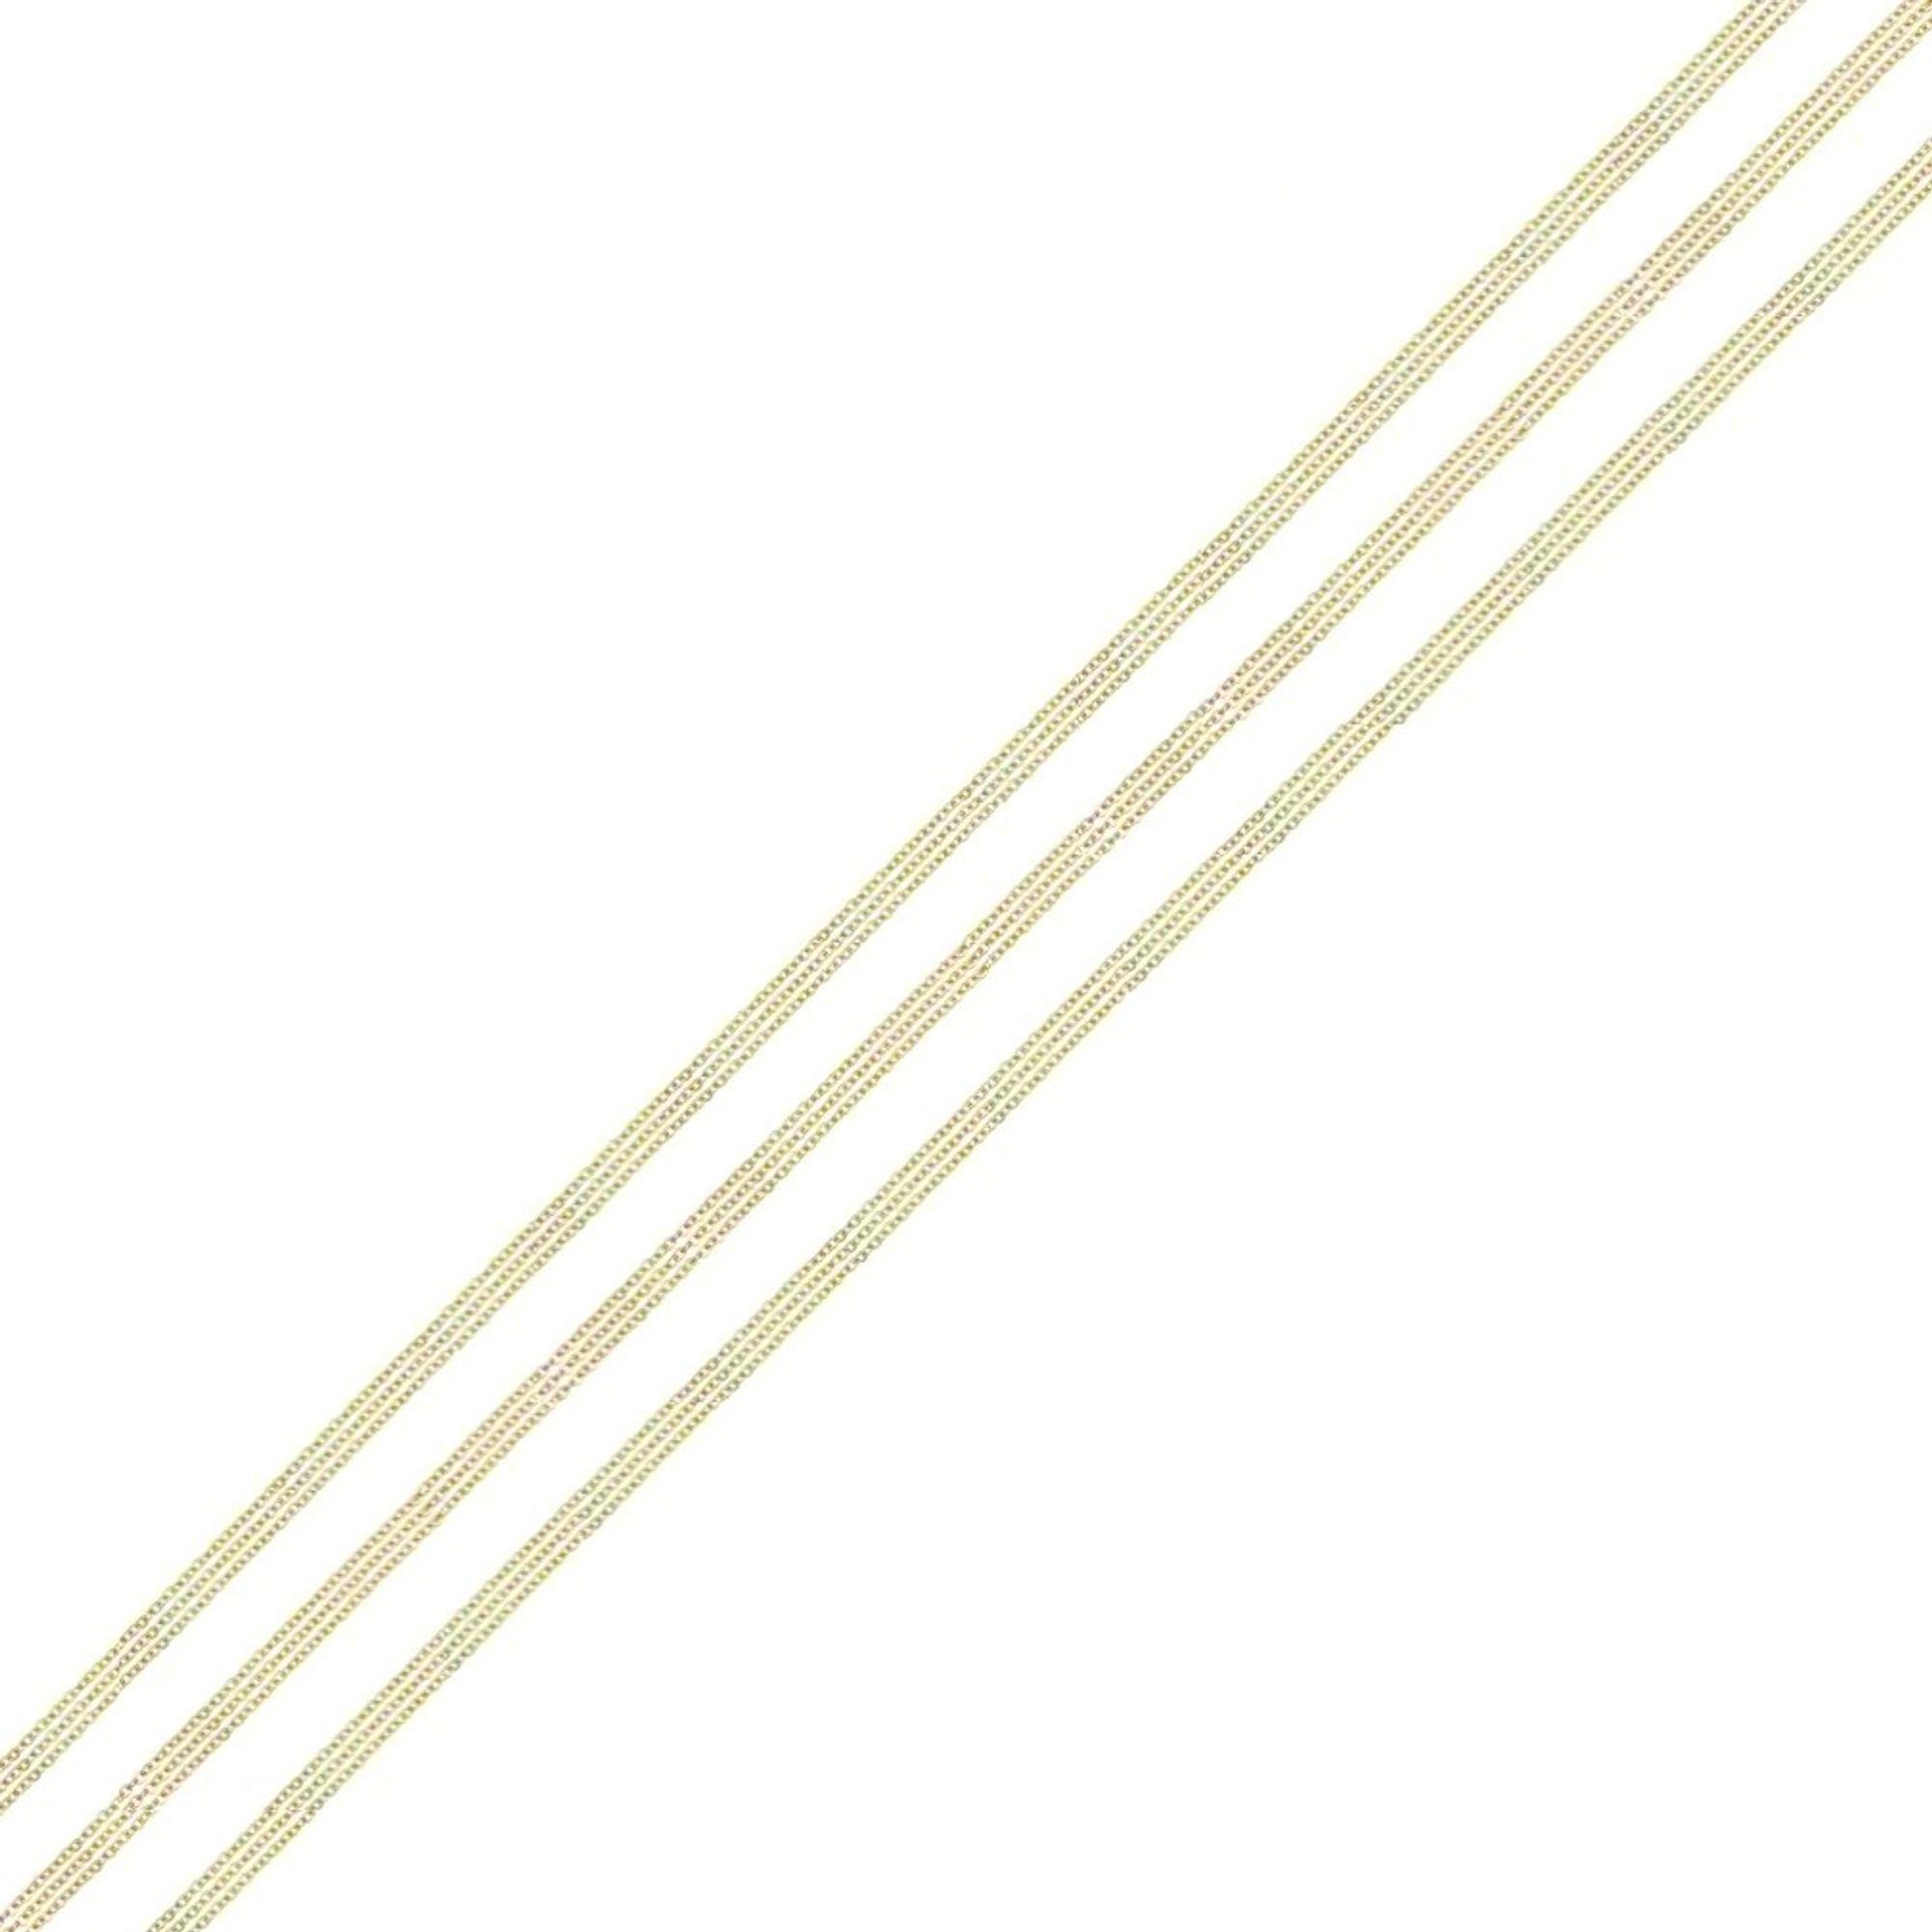 Quoins QK-EG2-50 Damen Kette Edelstahl gold 50 cm